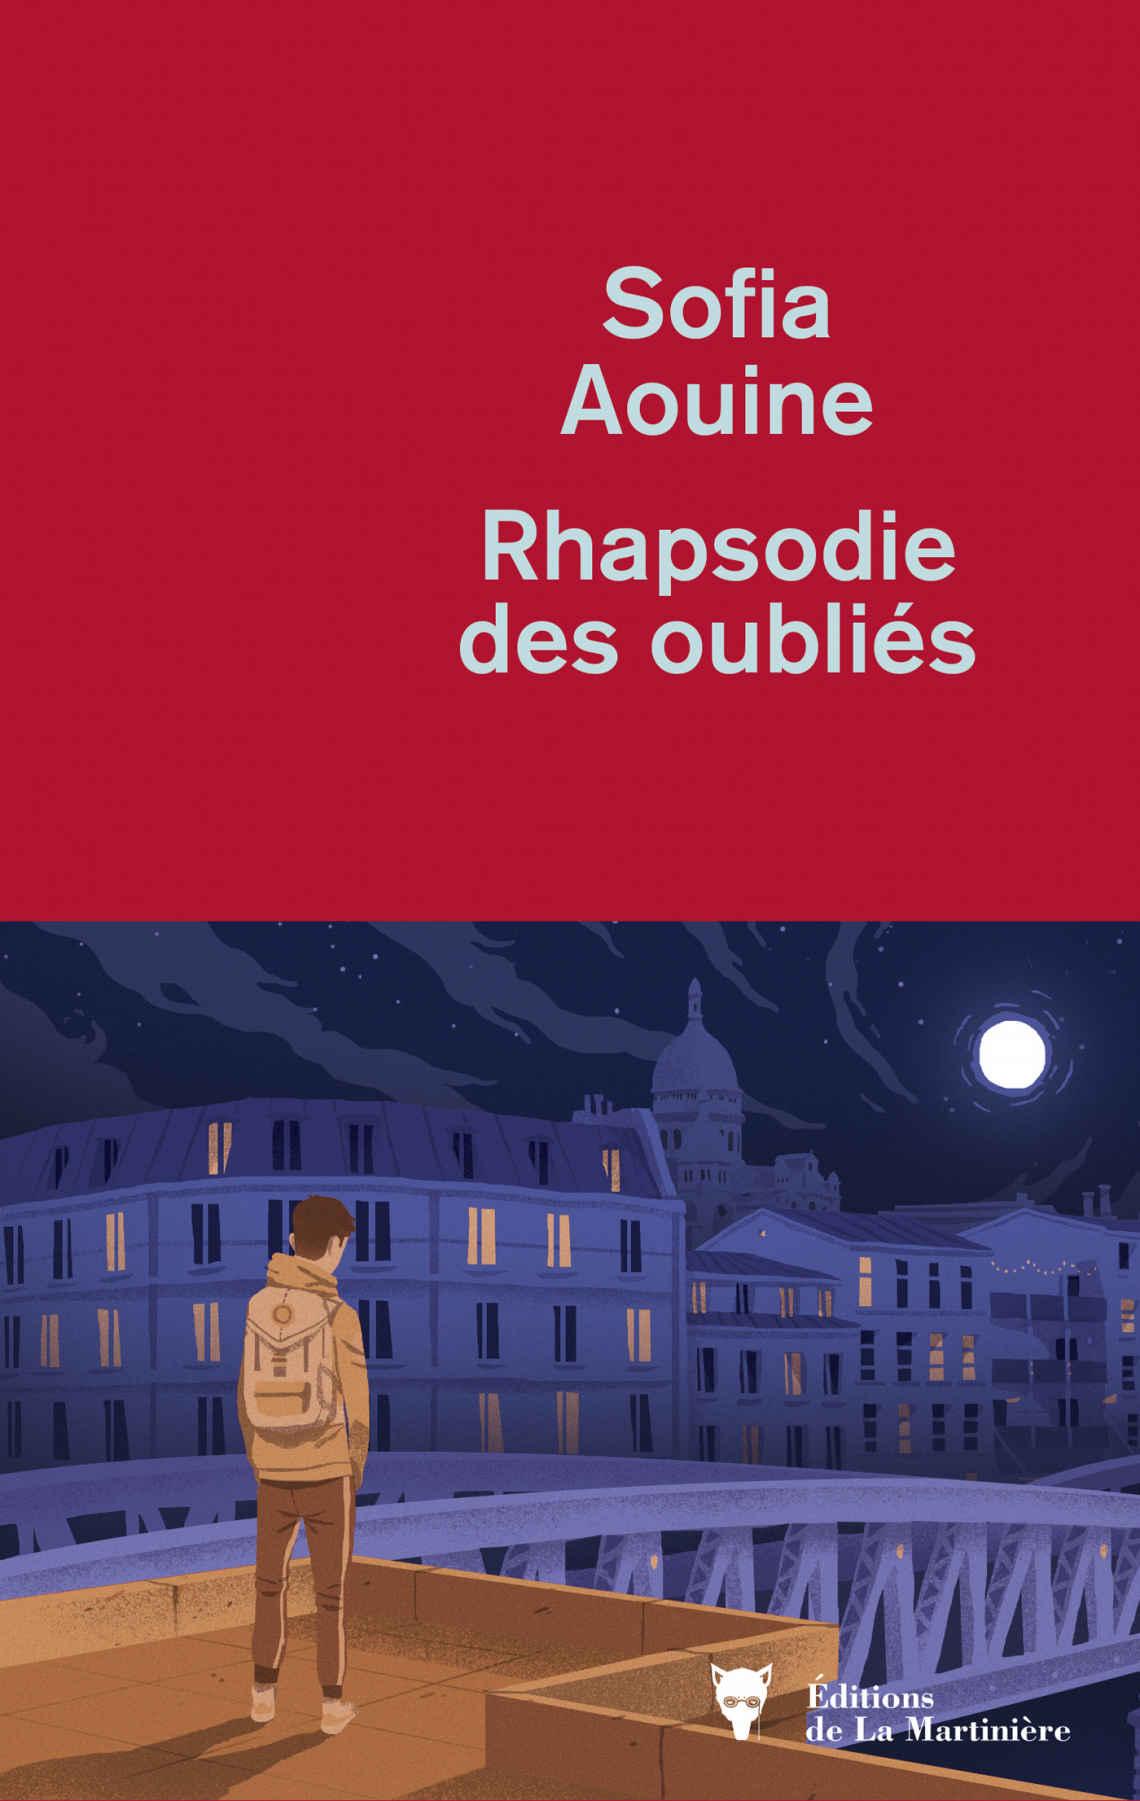 Rhapsodie des oubliés, de Sofia Aouine, LaMartinière, 208pages, 18euros